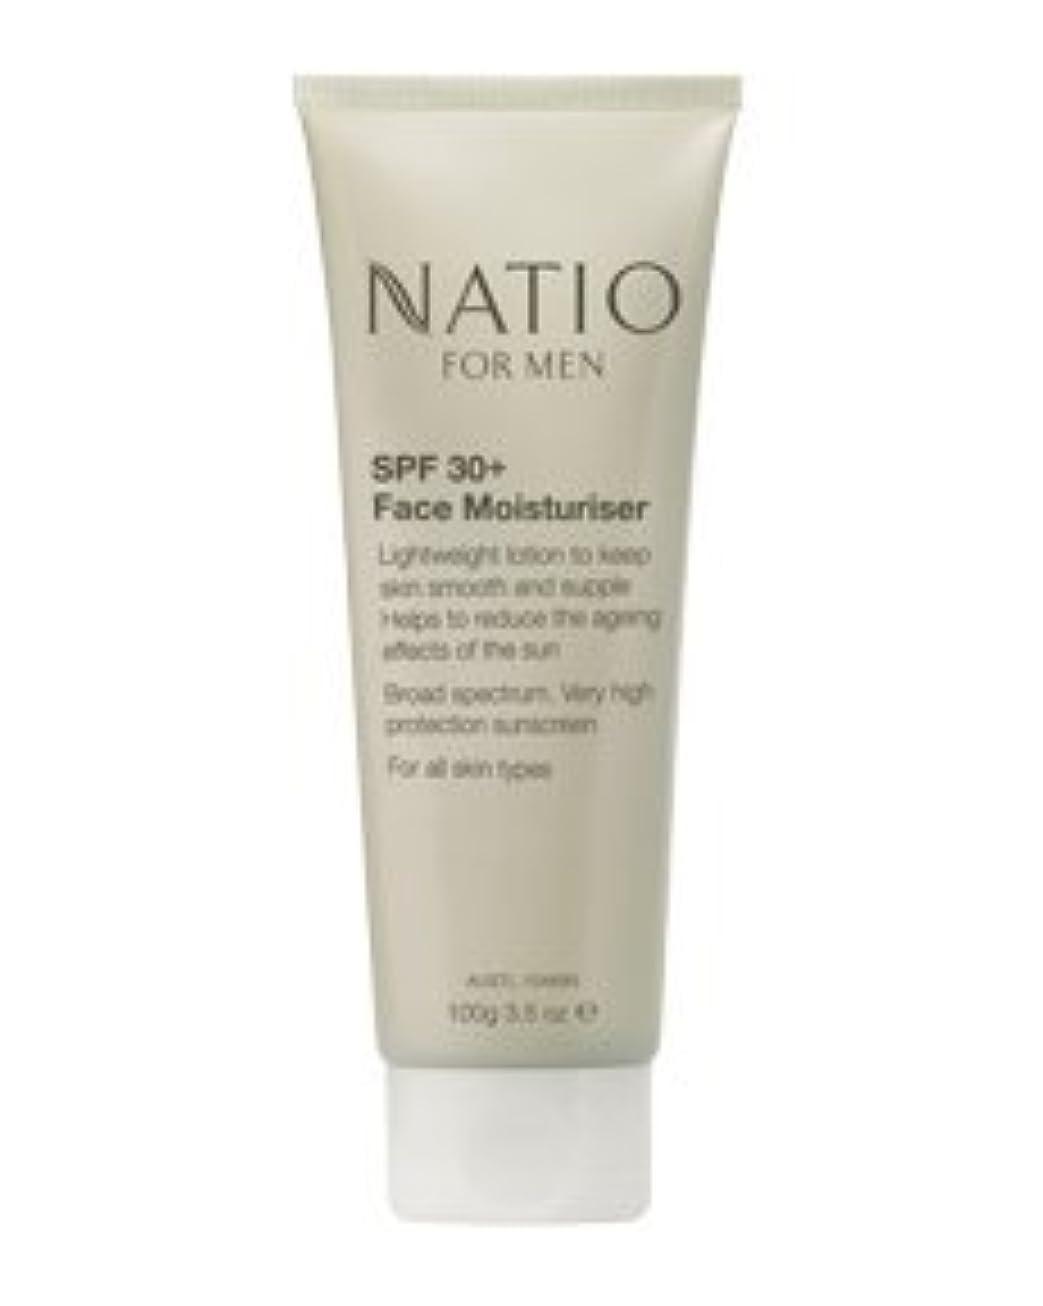 たまに伝説提供する【NATIO FOR MEN SPF 30+ Face Moisturiser】 ナティオ  SPF 30+ フェイス モイスチャライザー [海外直送品]